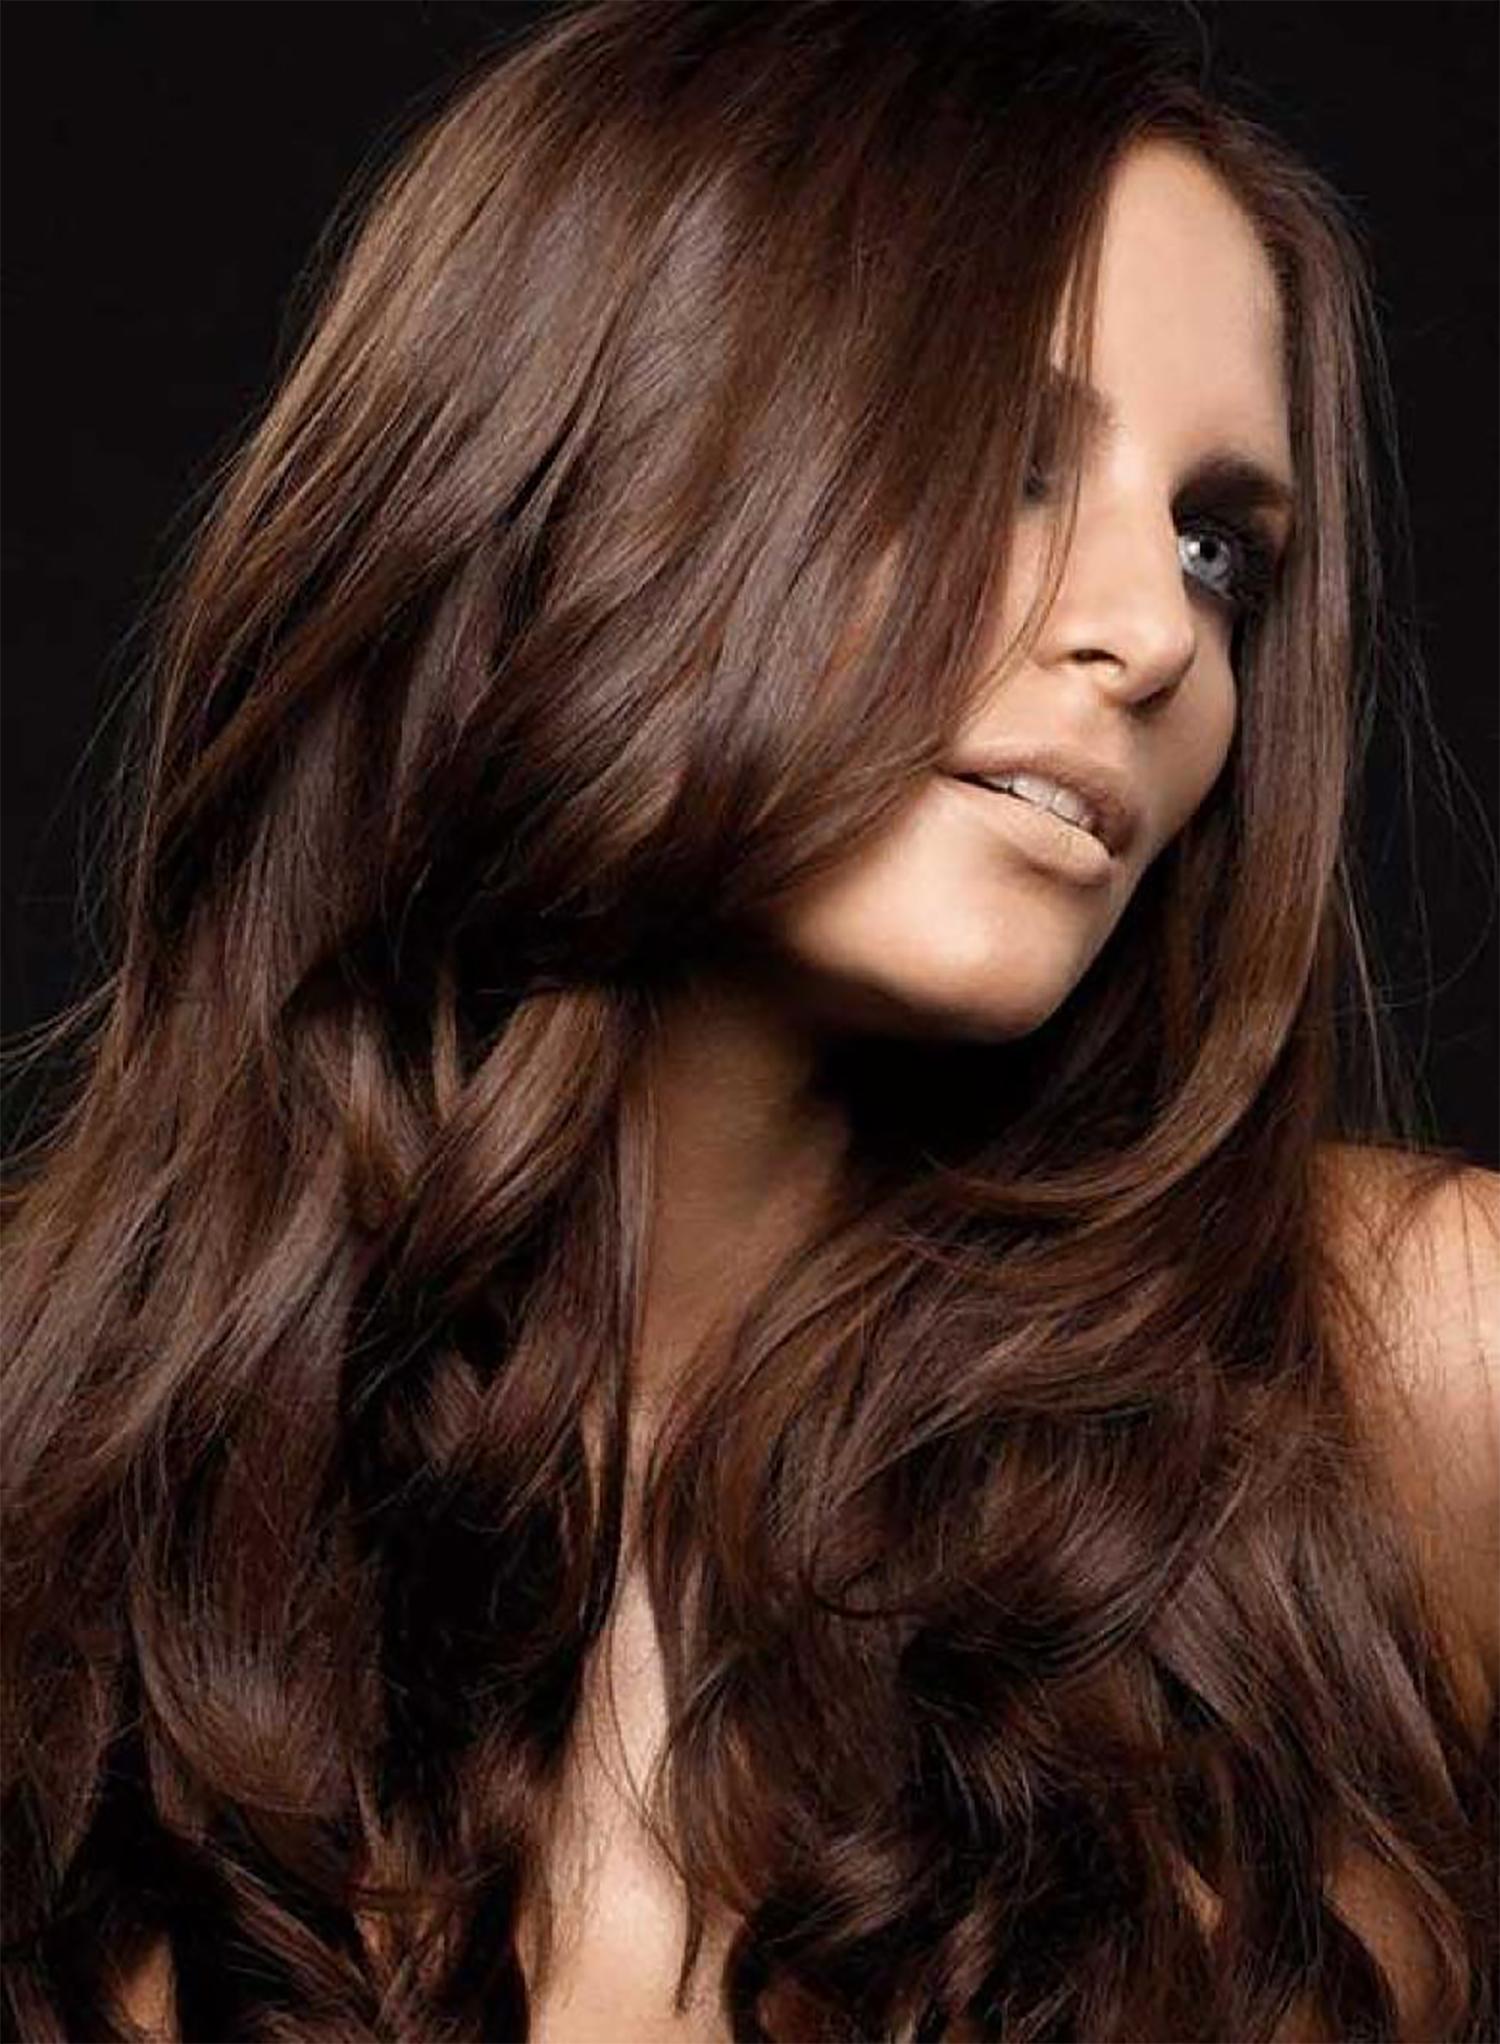 Оттенки светлого шоколадного цвета волос